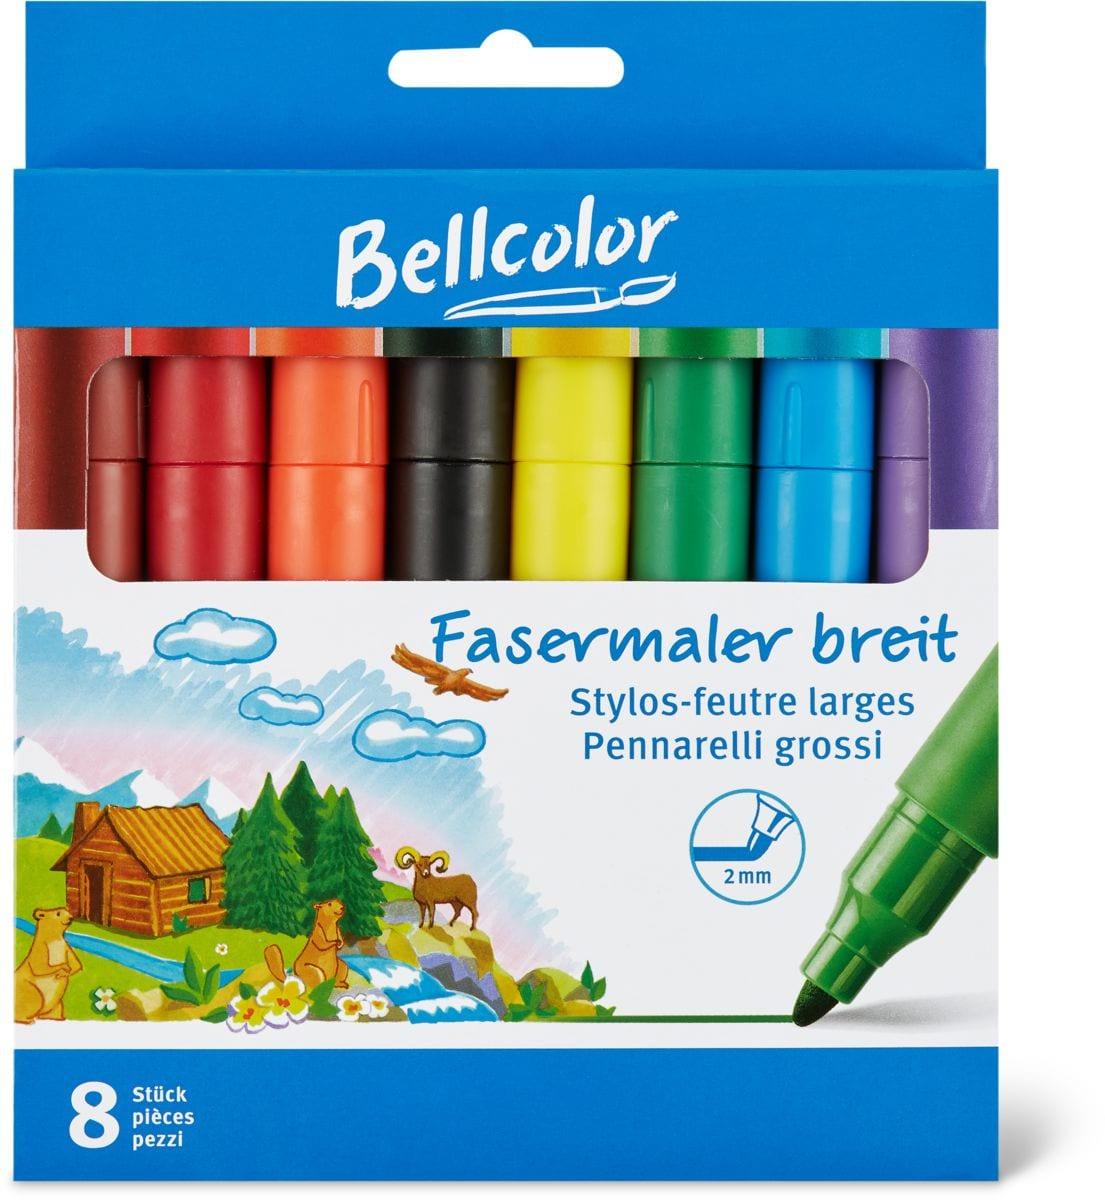 Bellcolor Stylos-feutre larges